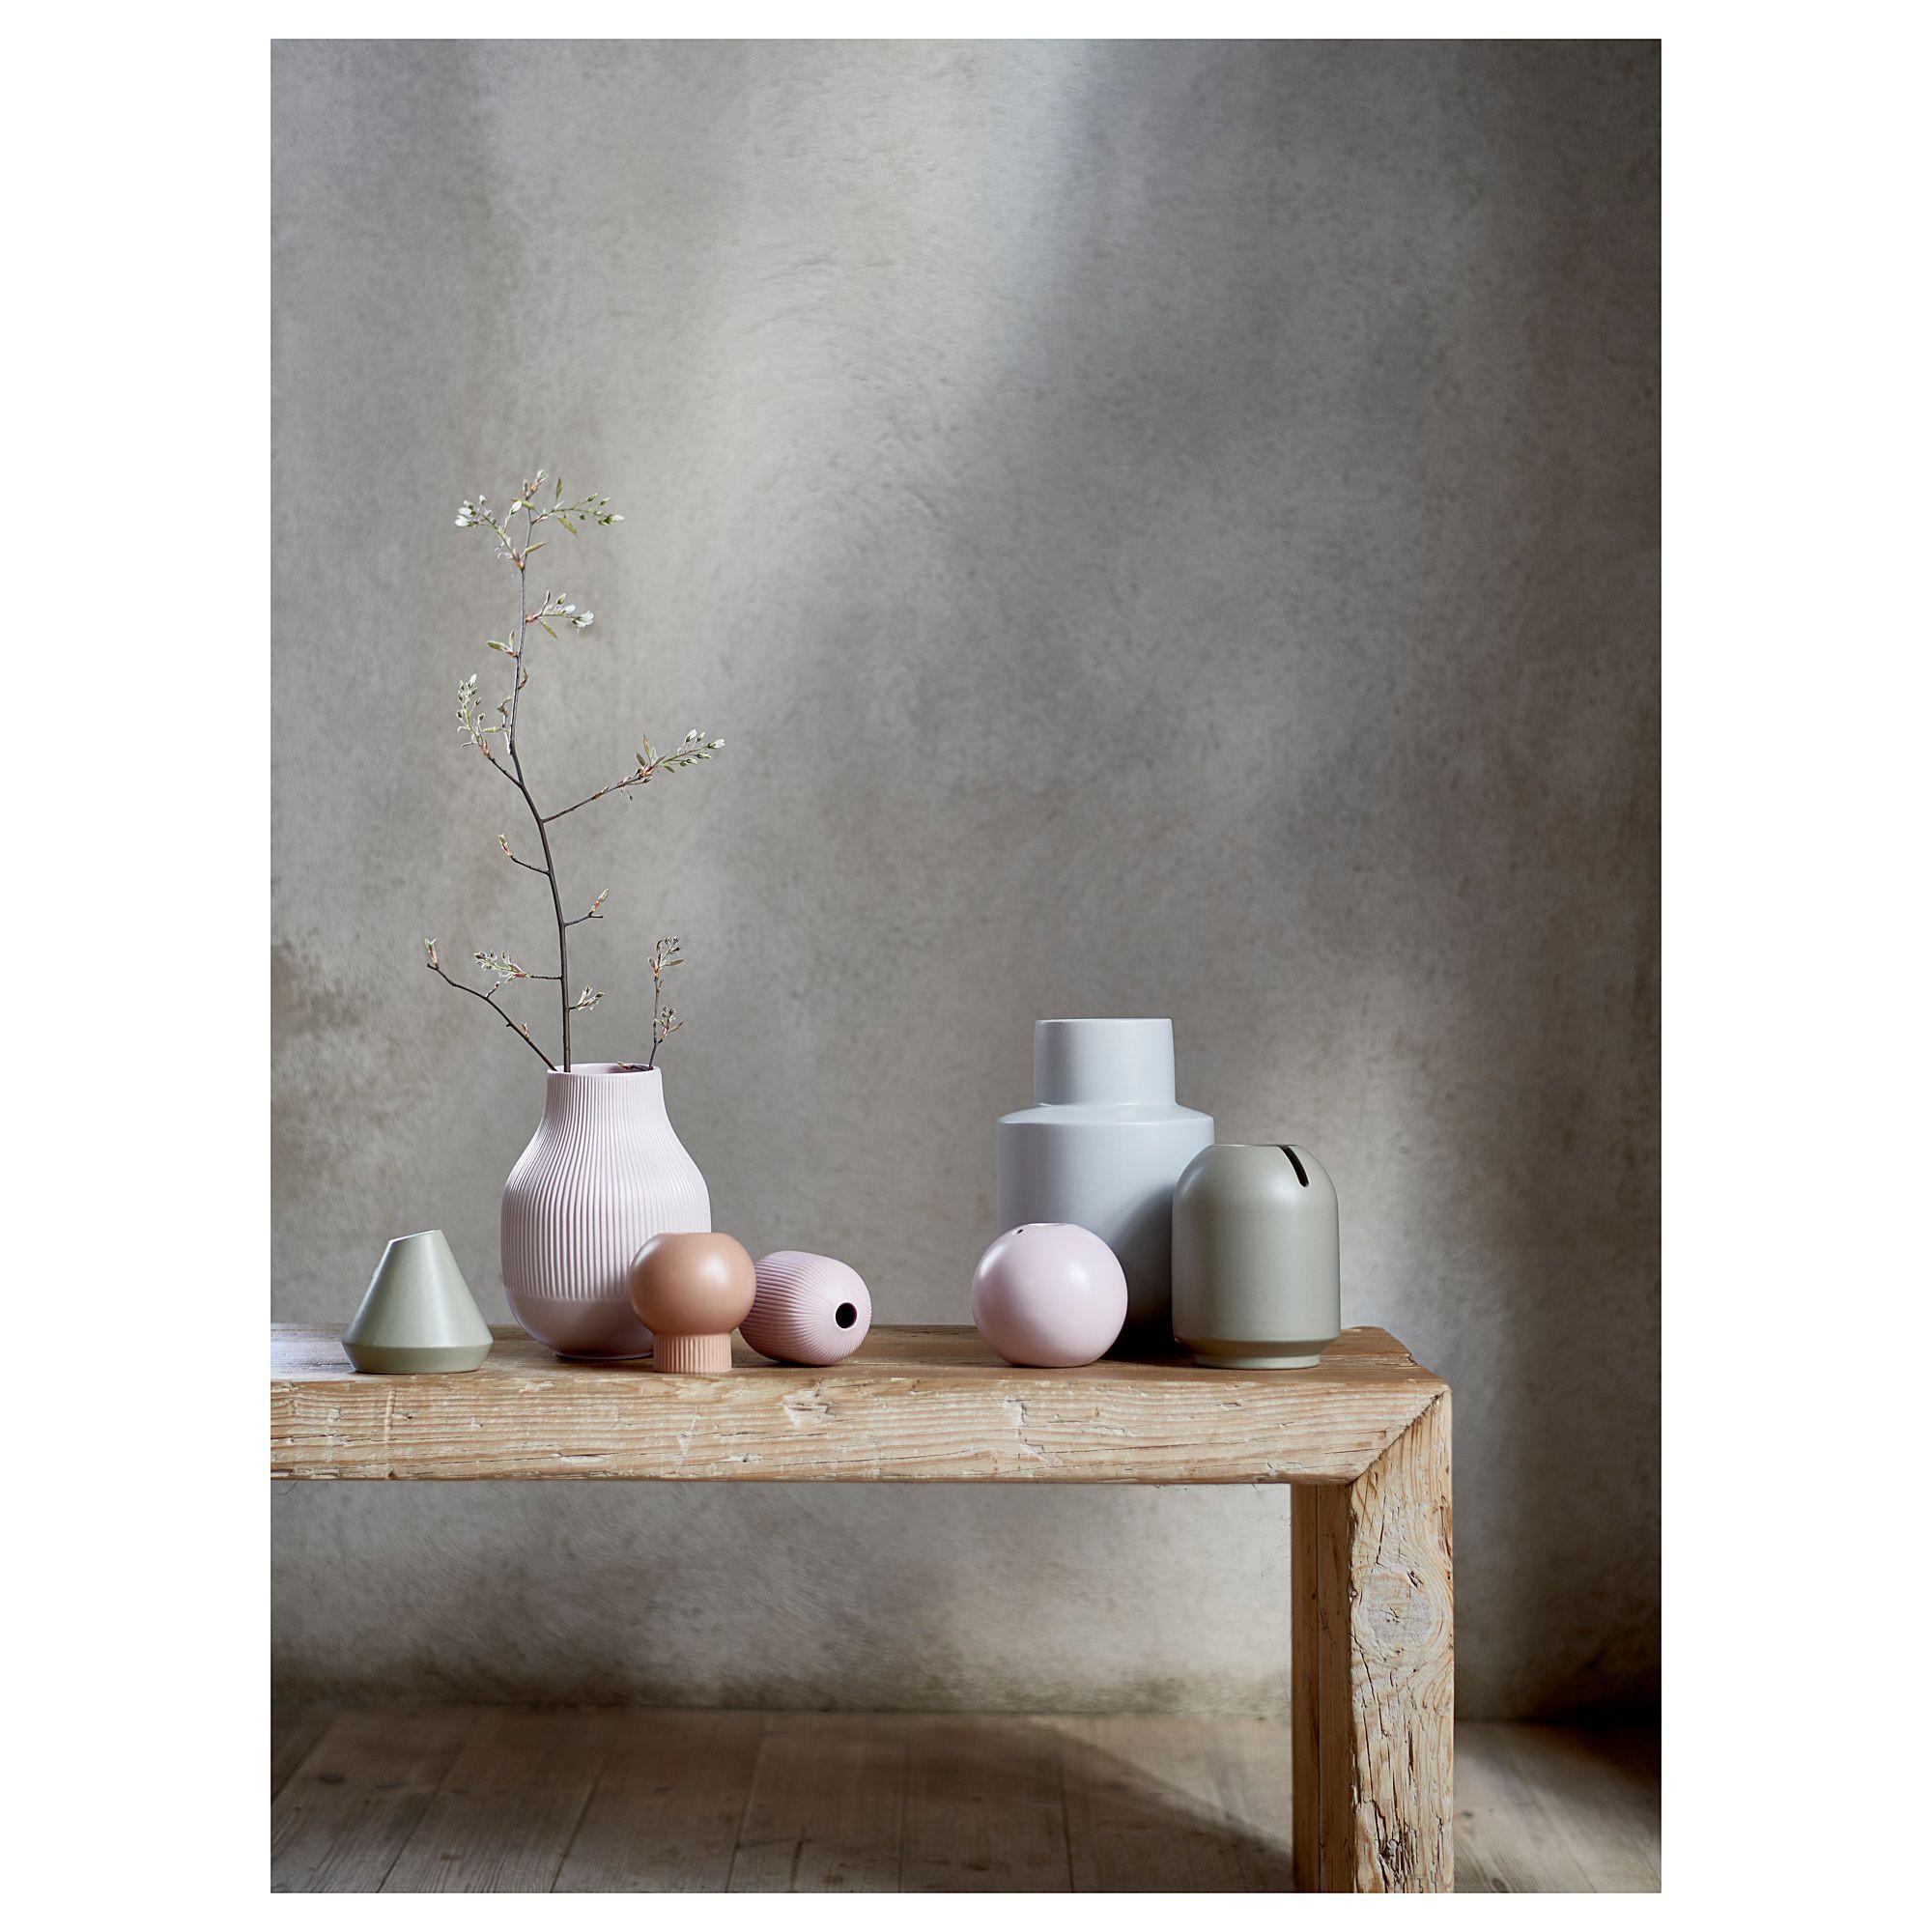 ikea small flower vases of gradvis wazon zielony in 2018 design houseware pinterest regarding ikea gradvis wazon ustaw wazon z kwiatami lub bez jako pia™kny przedmiot sam w sobie